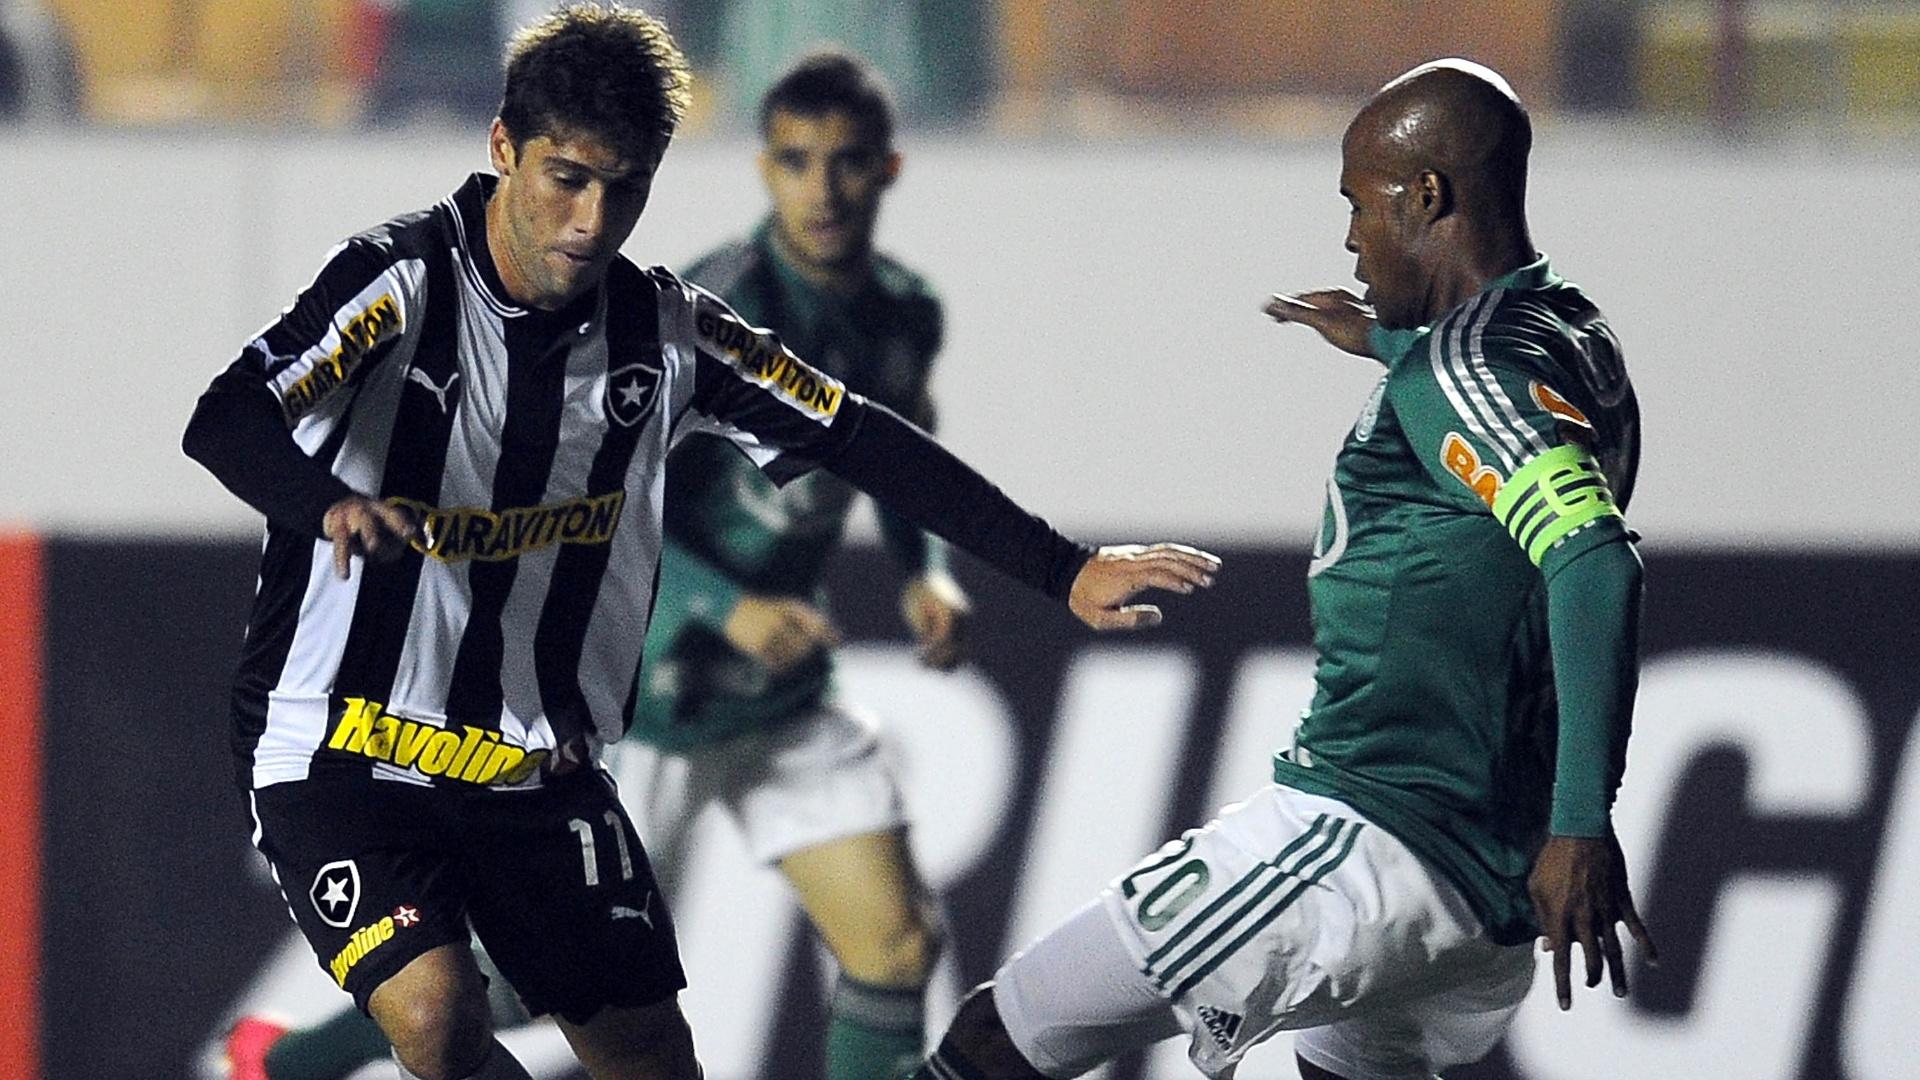 Marcos Assunção tenta roubar bola de Fellype Gabriel